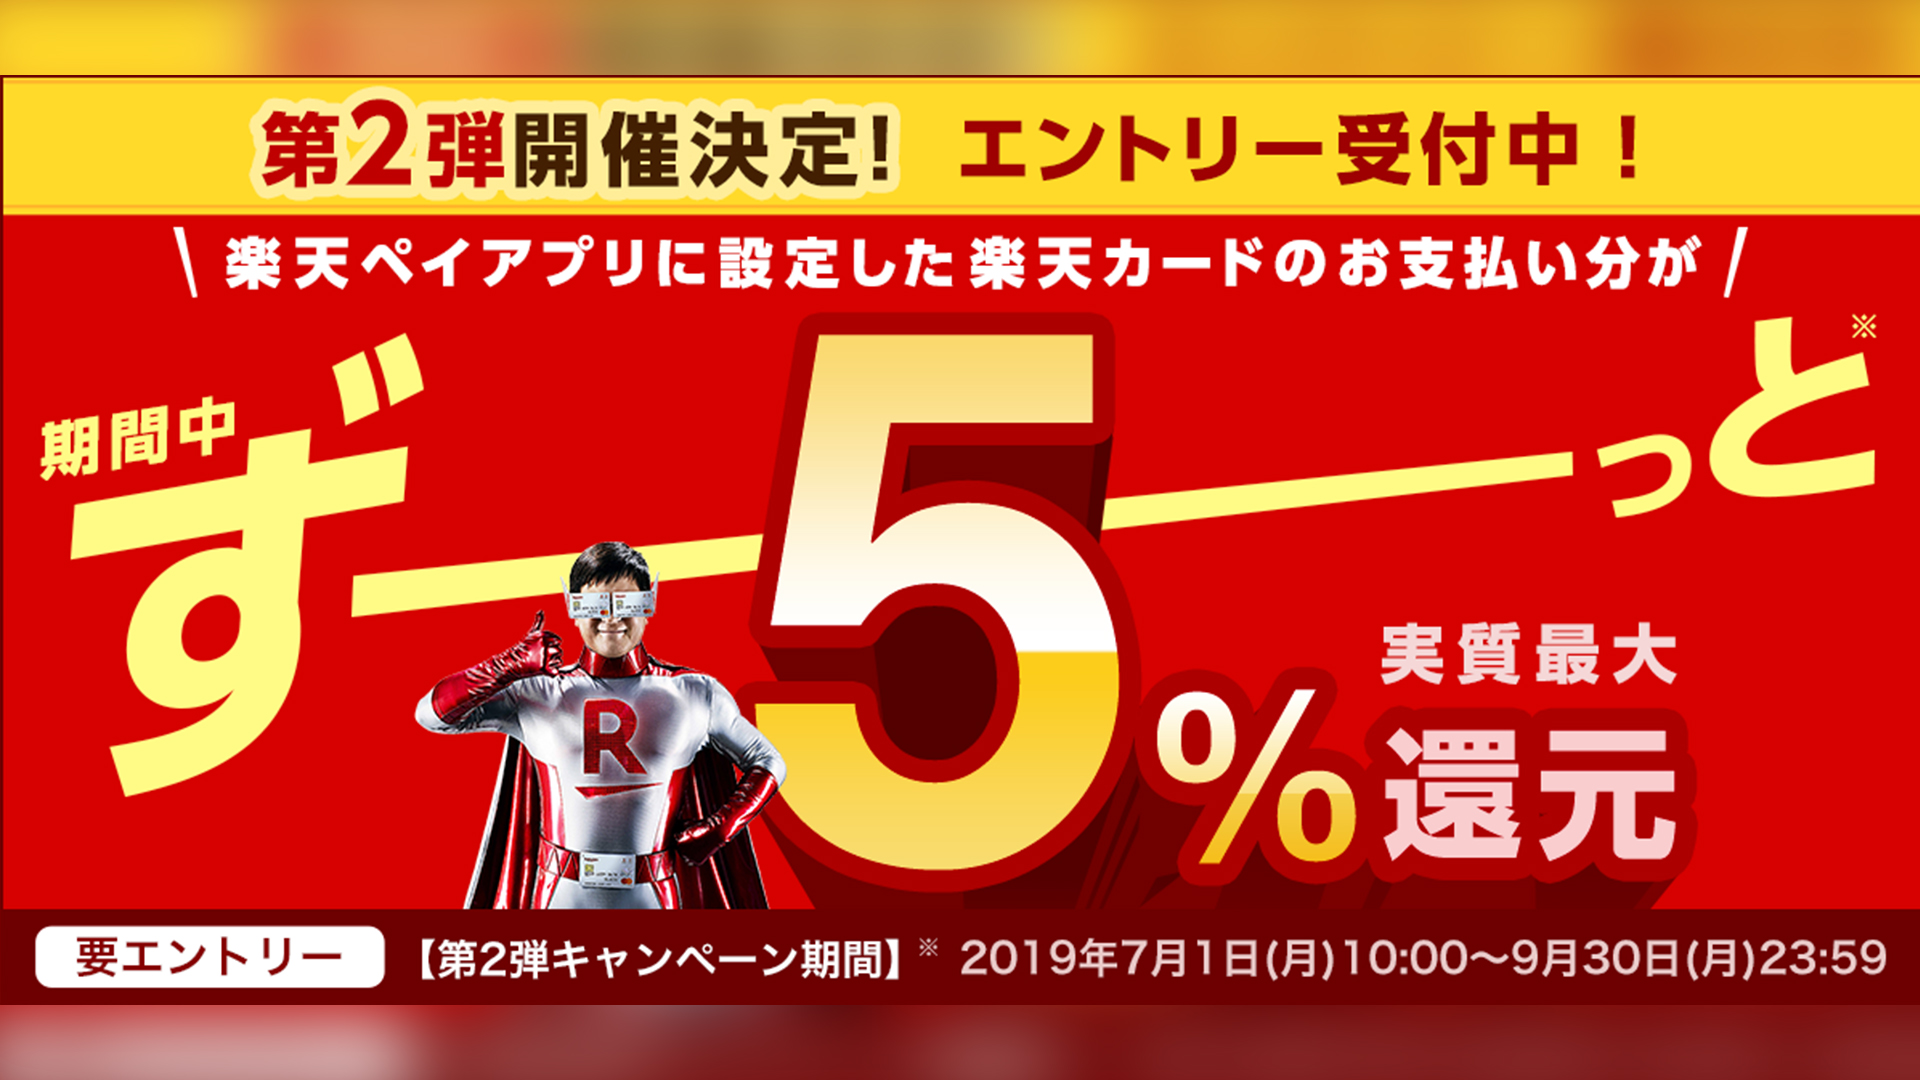 【「楽天ペイ」最大5%還元 キャンペーン第二弾を発表】他、新着トレンド6月28日